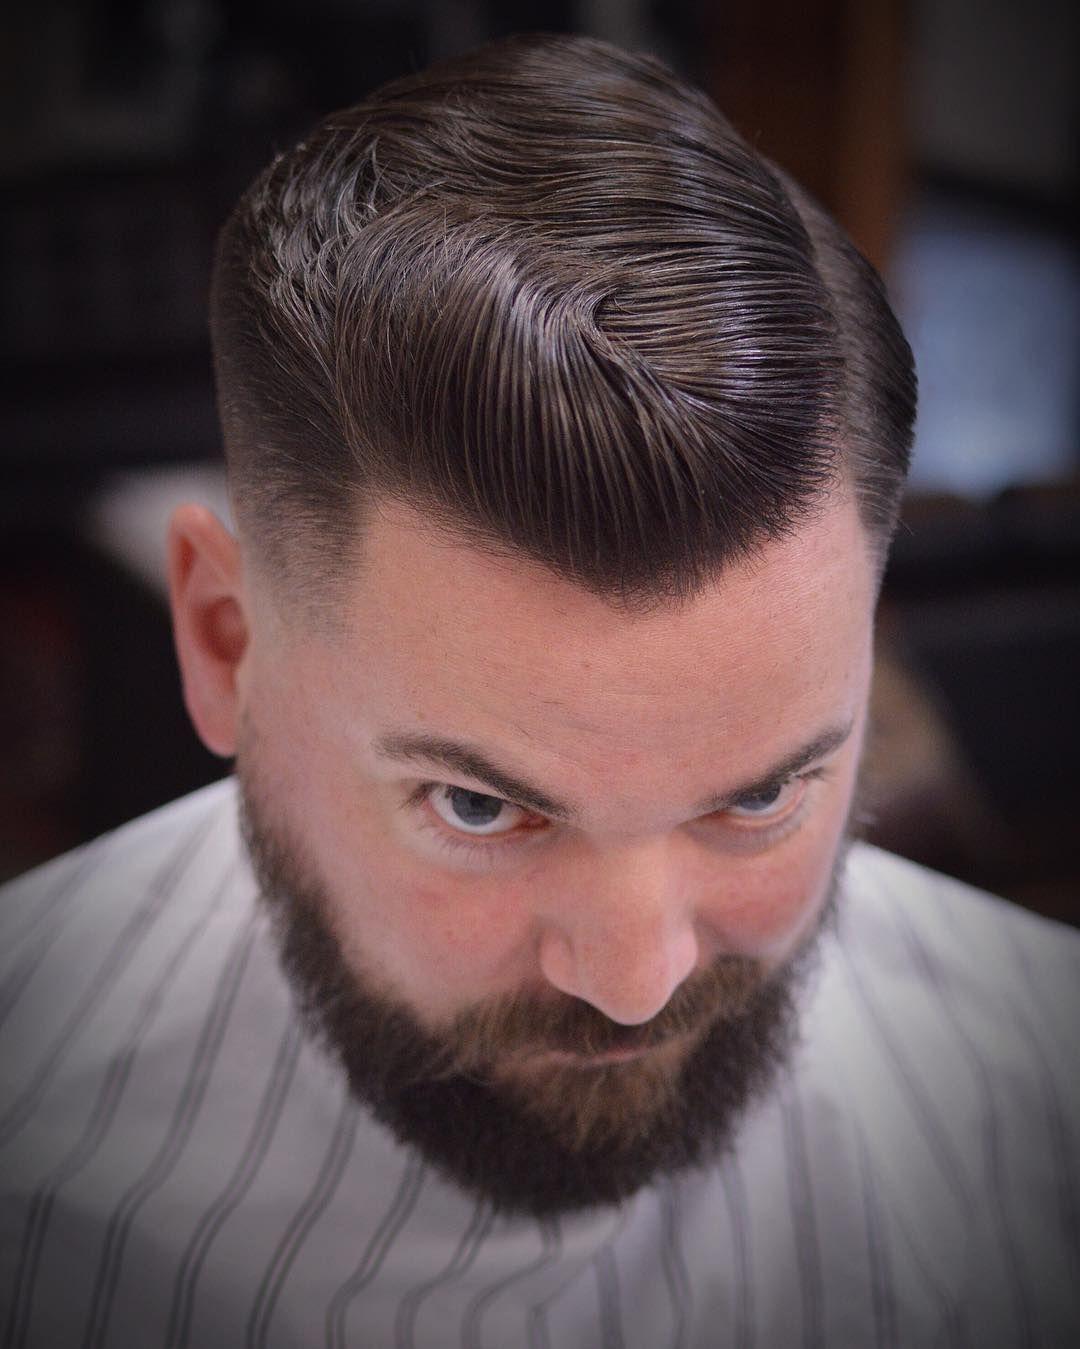 Vintage-Frisur Für Hochzeit  Beste hochzeitsfrisuren, Frisur